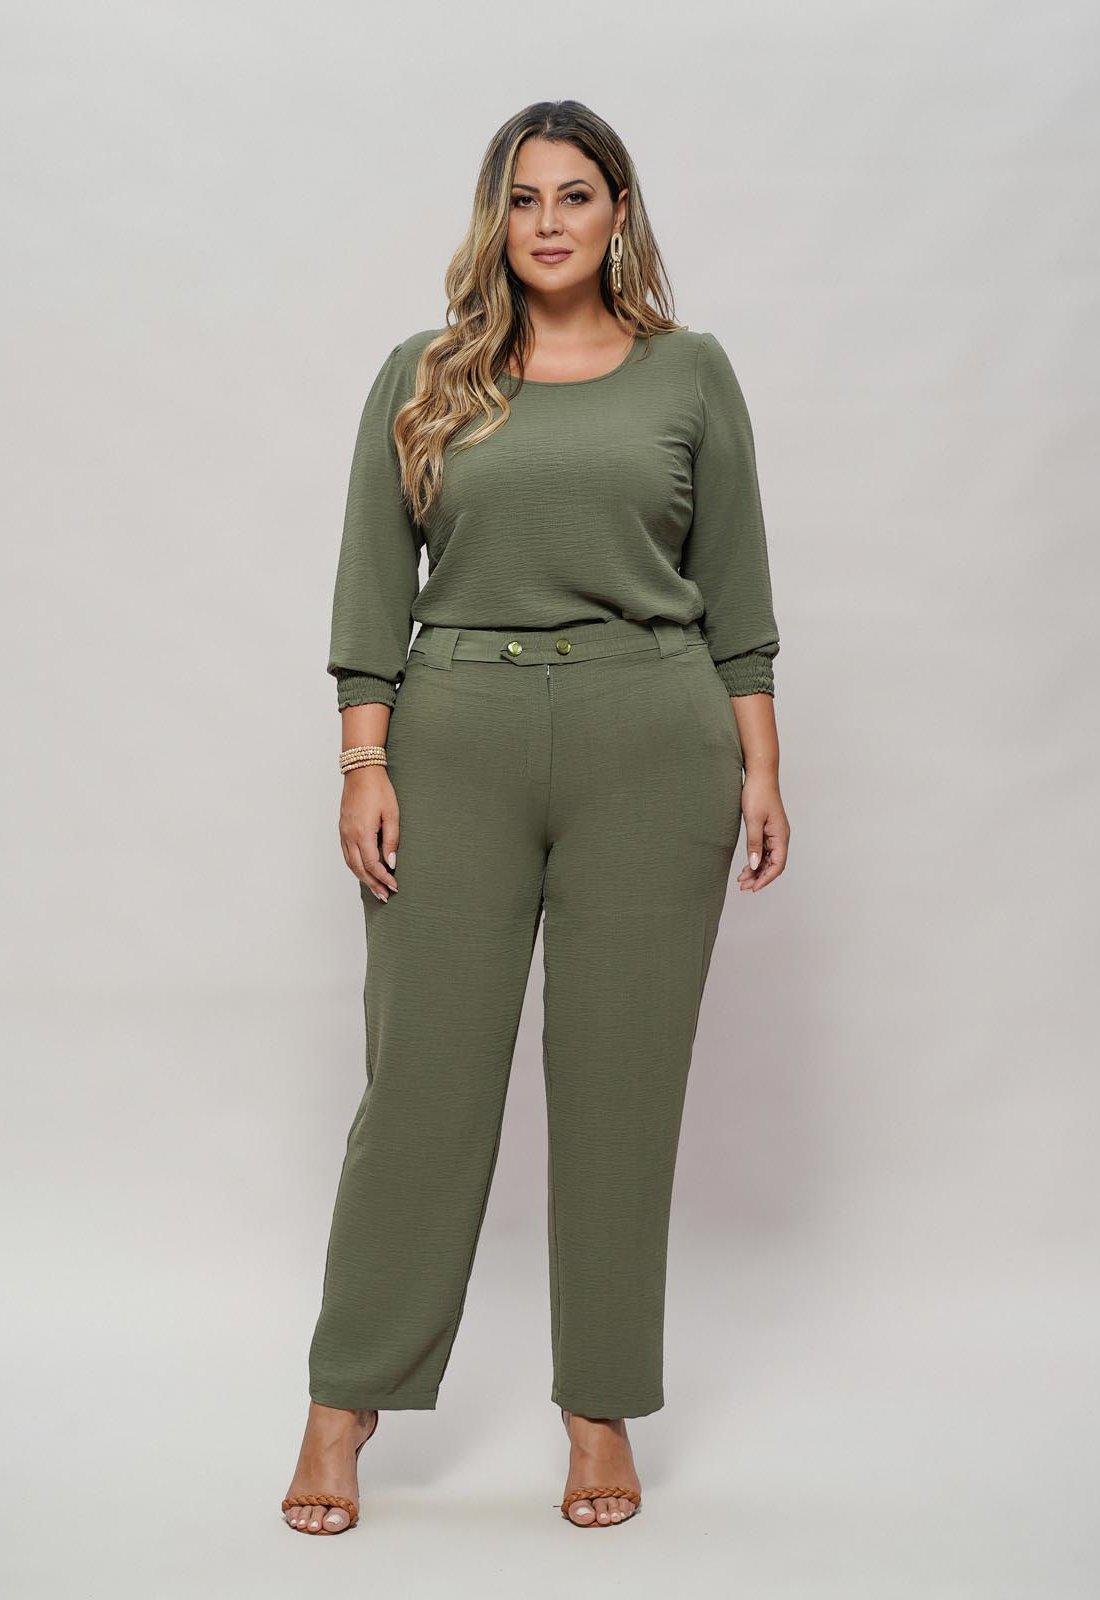 Conjunto militar calça e blusa  plus size  Ref. U63321